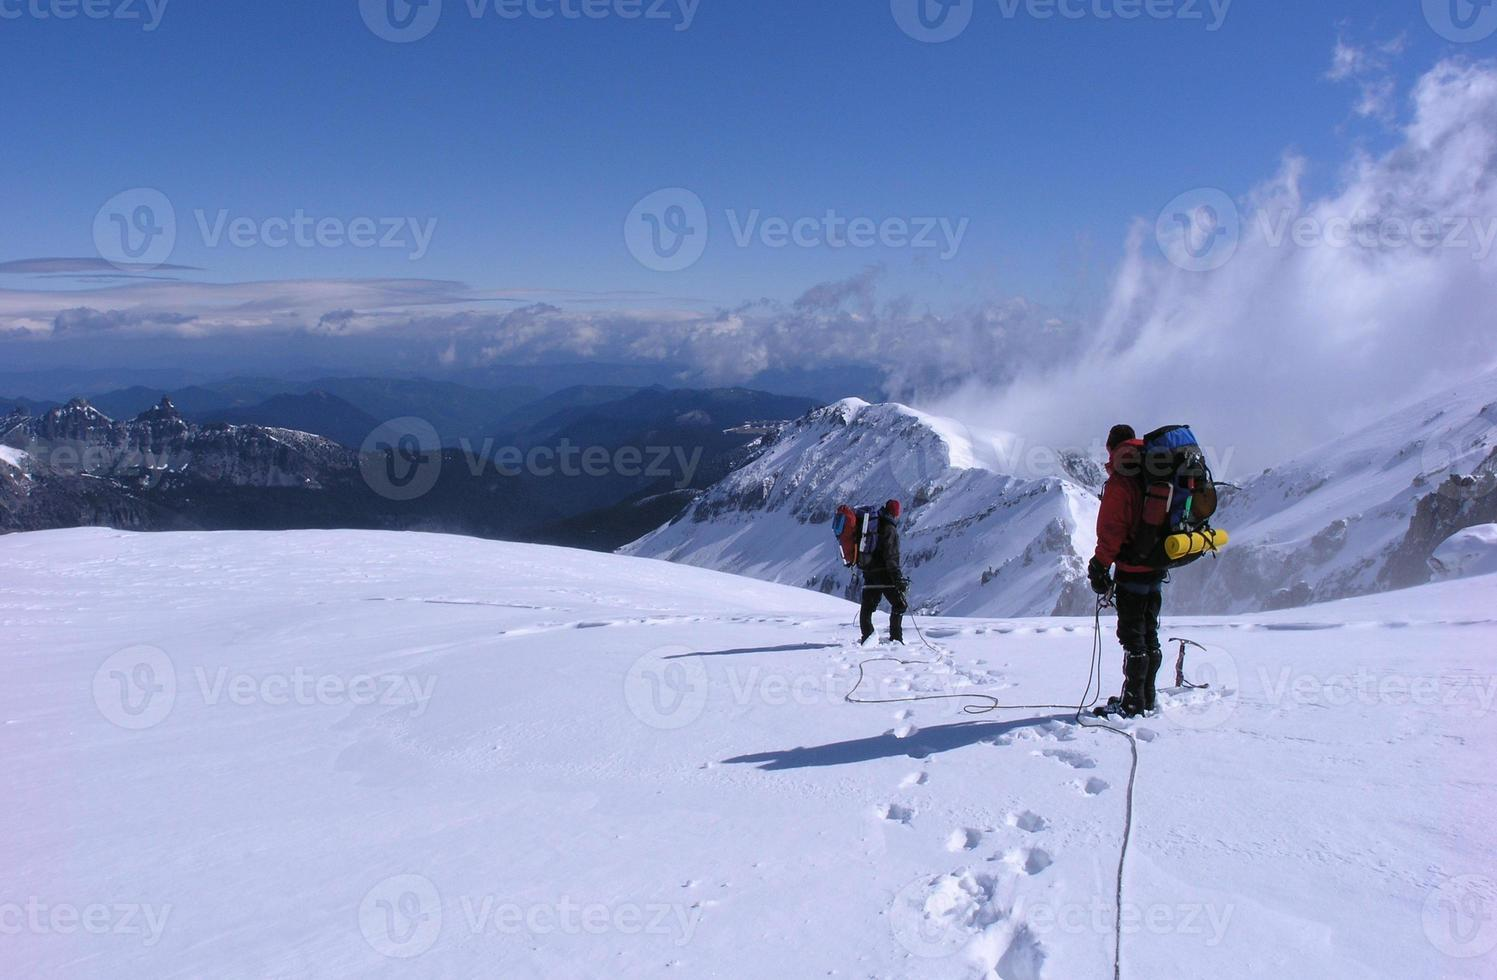 bergbeklimmers op een gletsjer foto